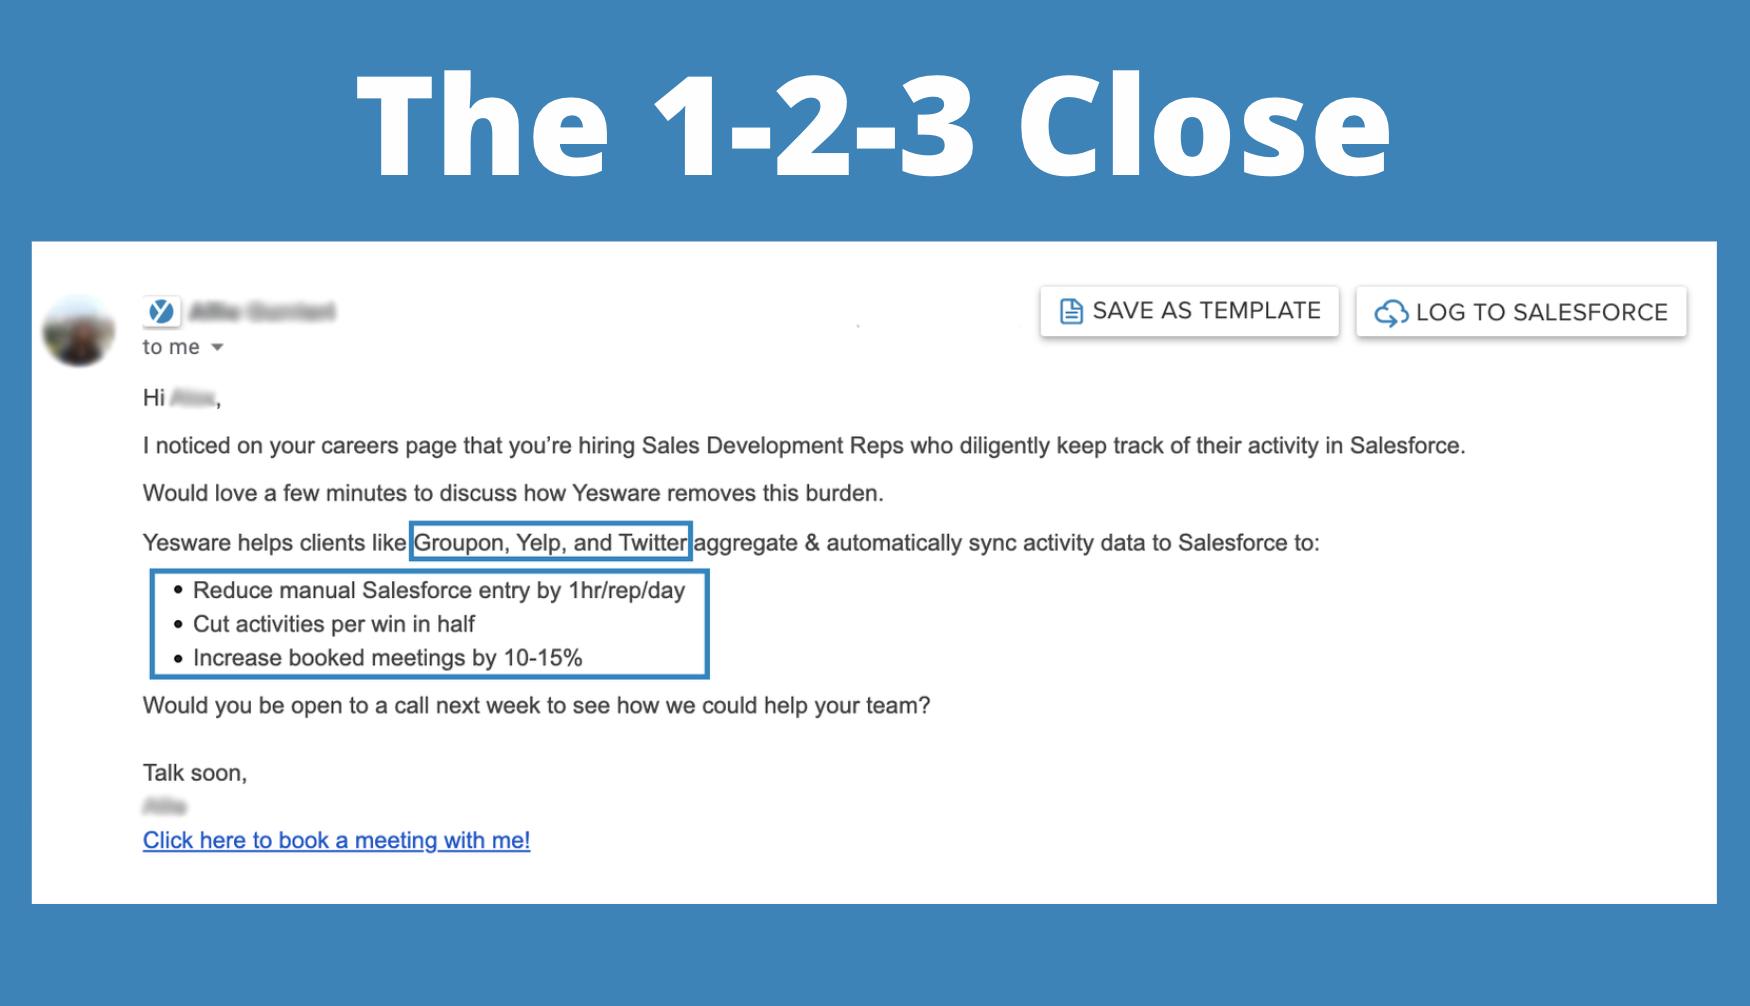 Sales Techniques: The 1-2-3 Close